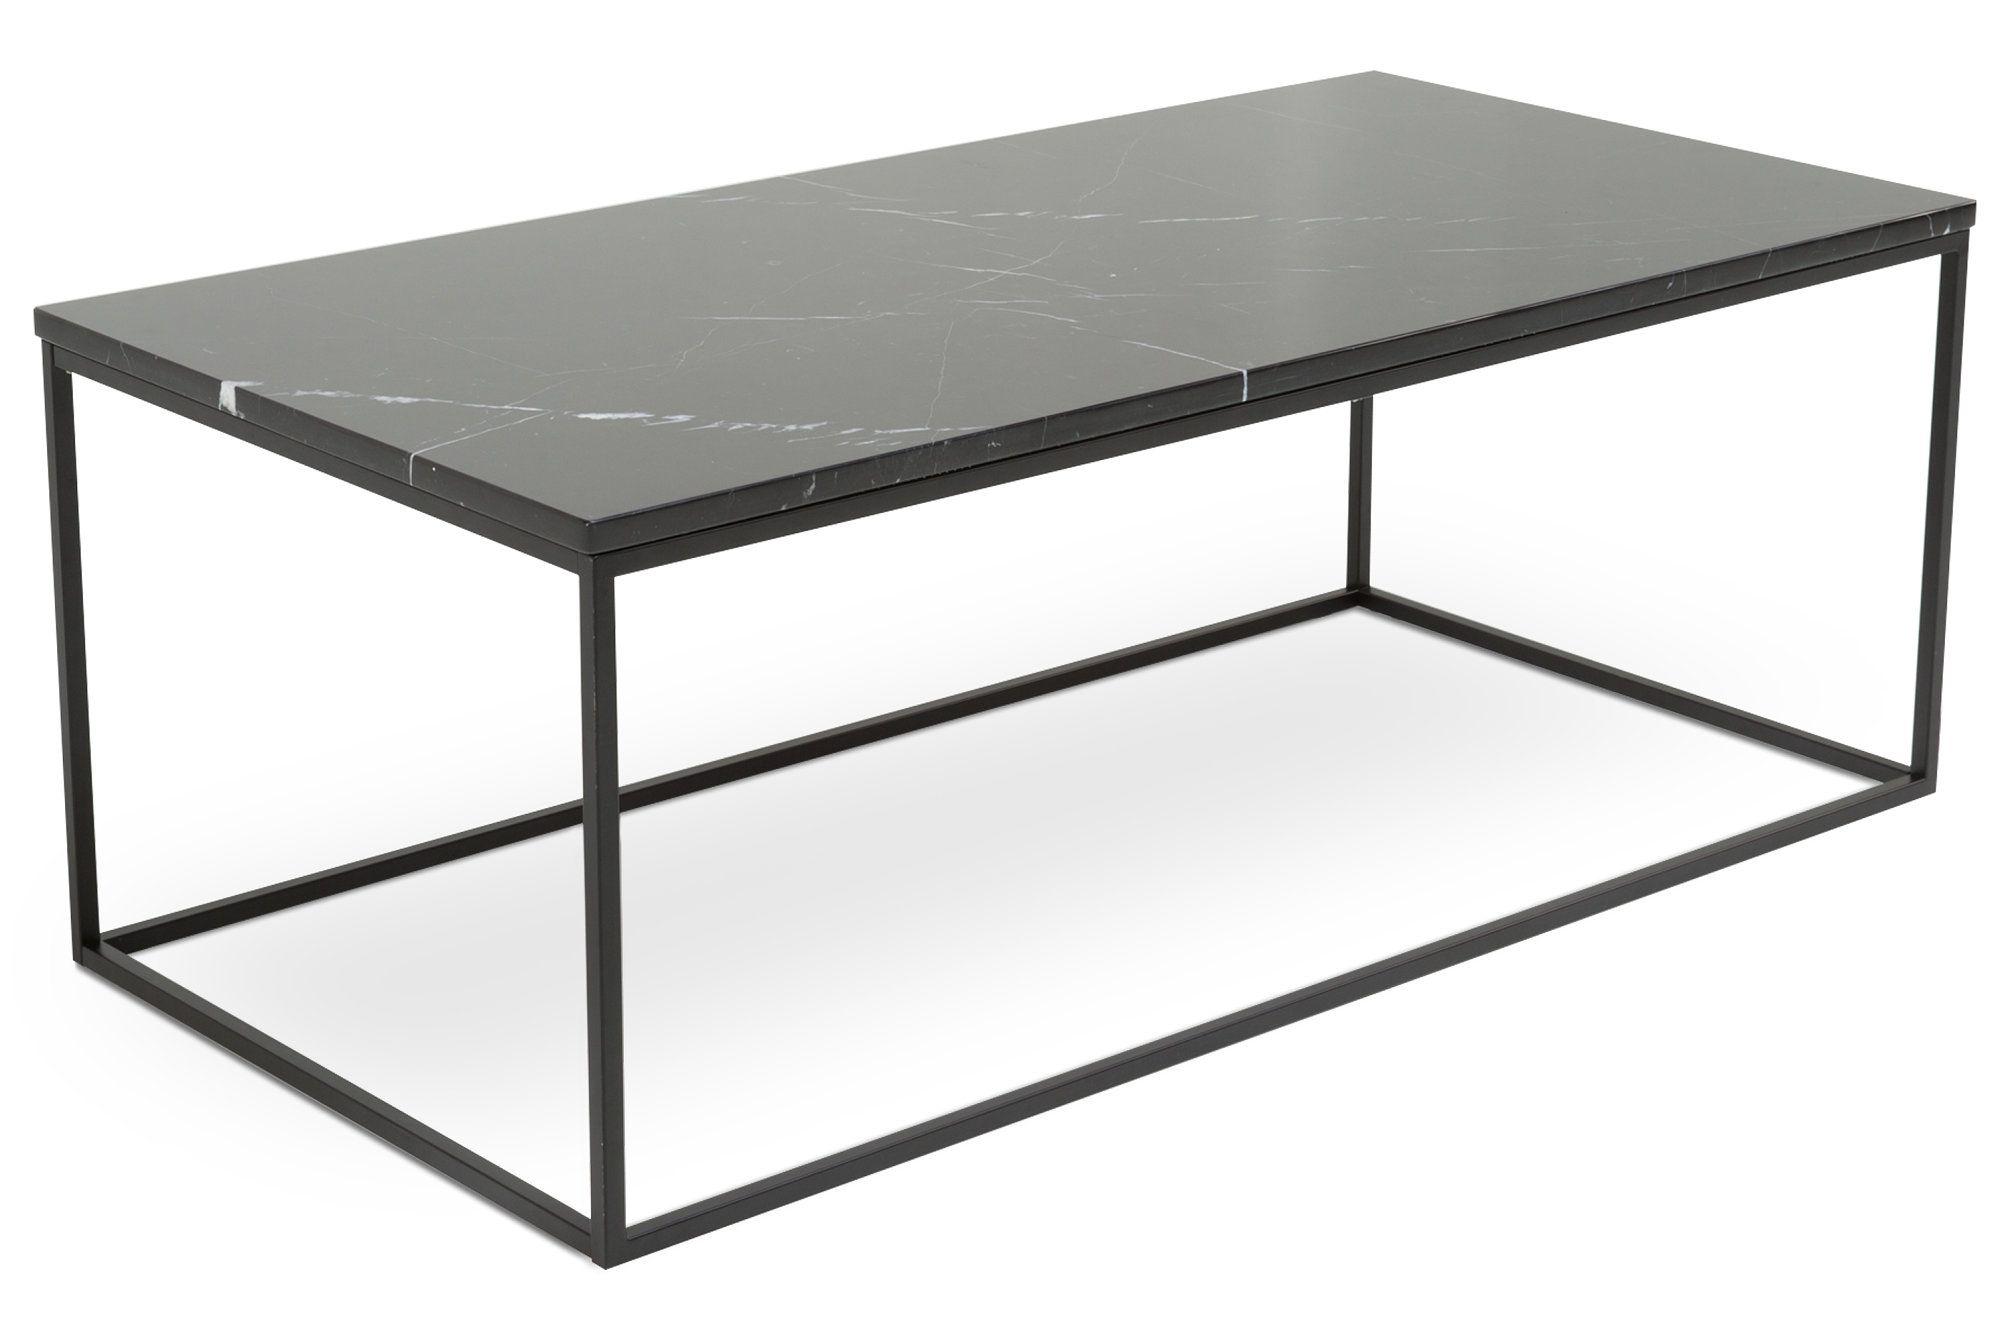 billige sofaborde online heavy duty sofa sets carrie sofabord sort marmor 120x60x45 cm trademax dk kob et billigt hos